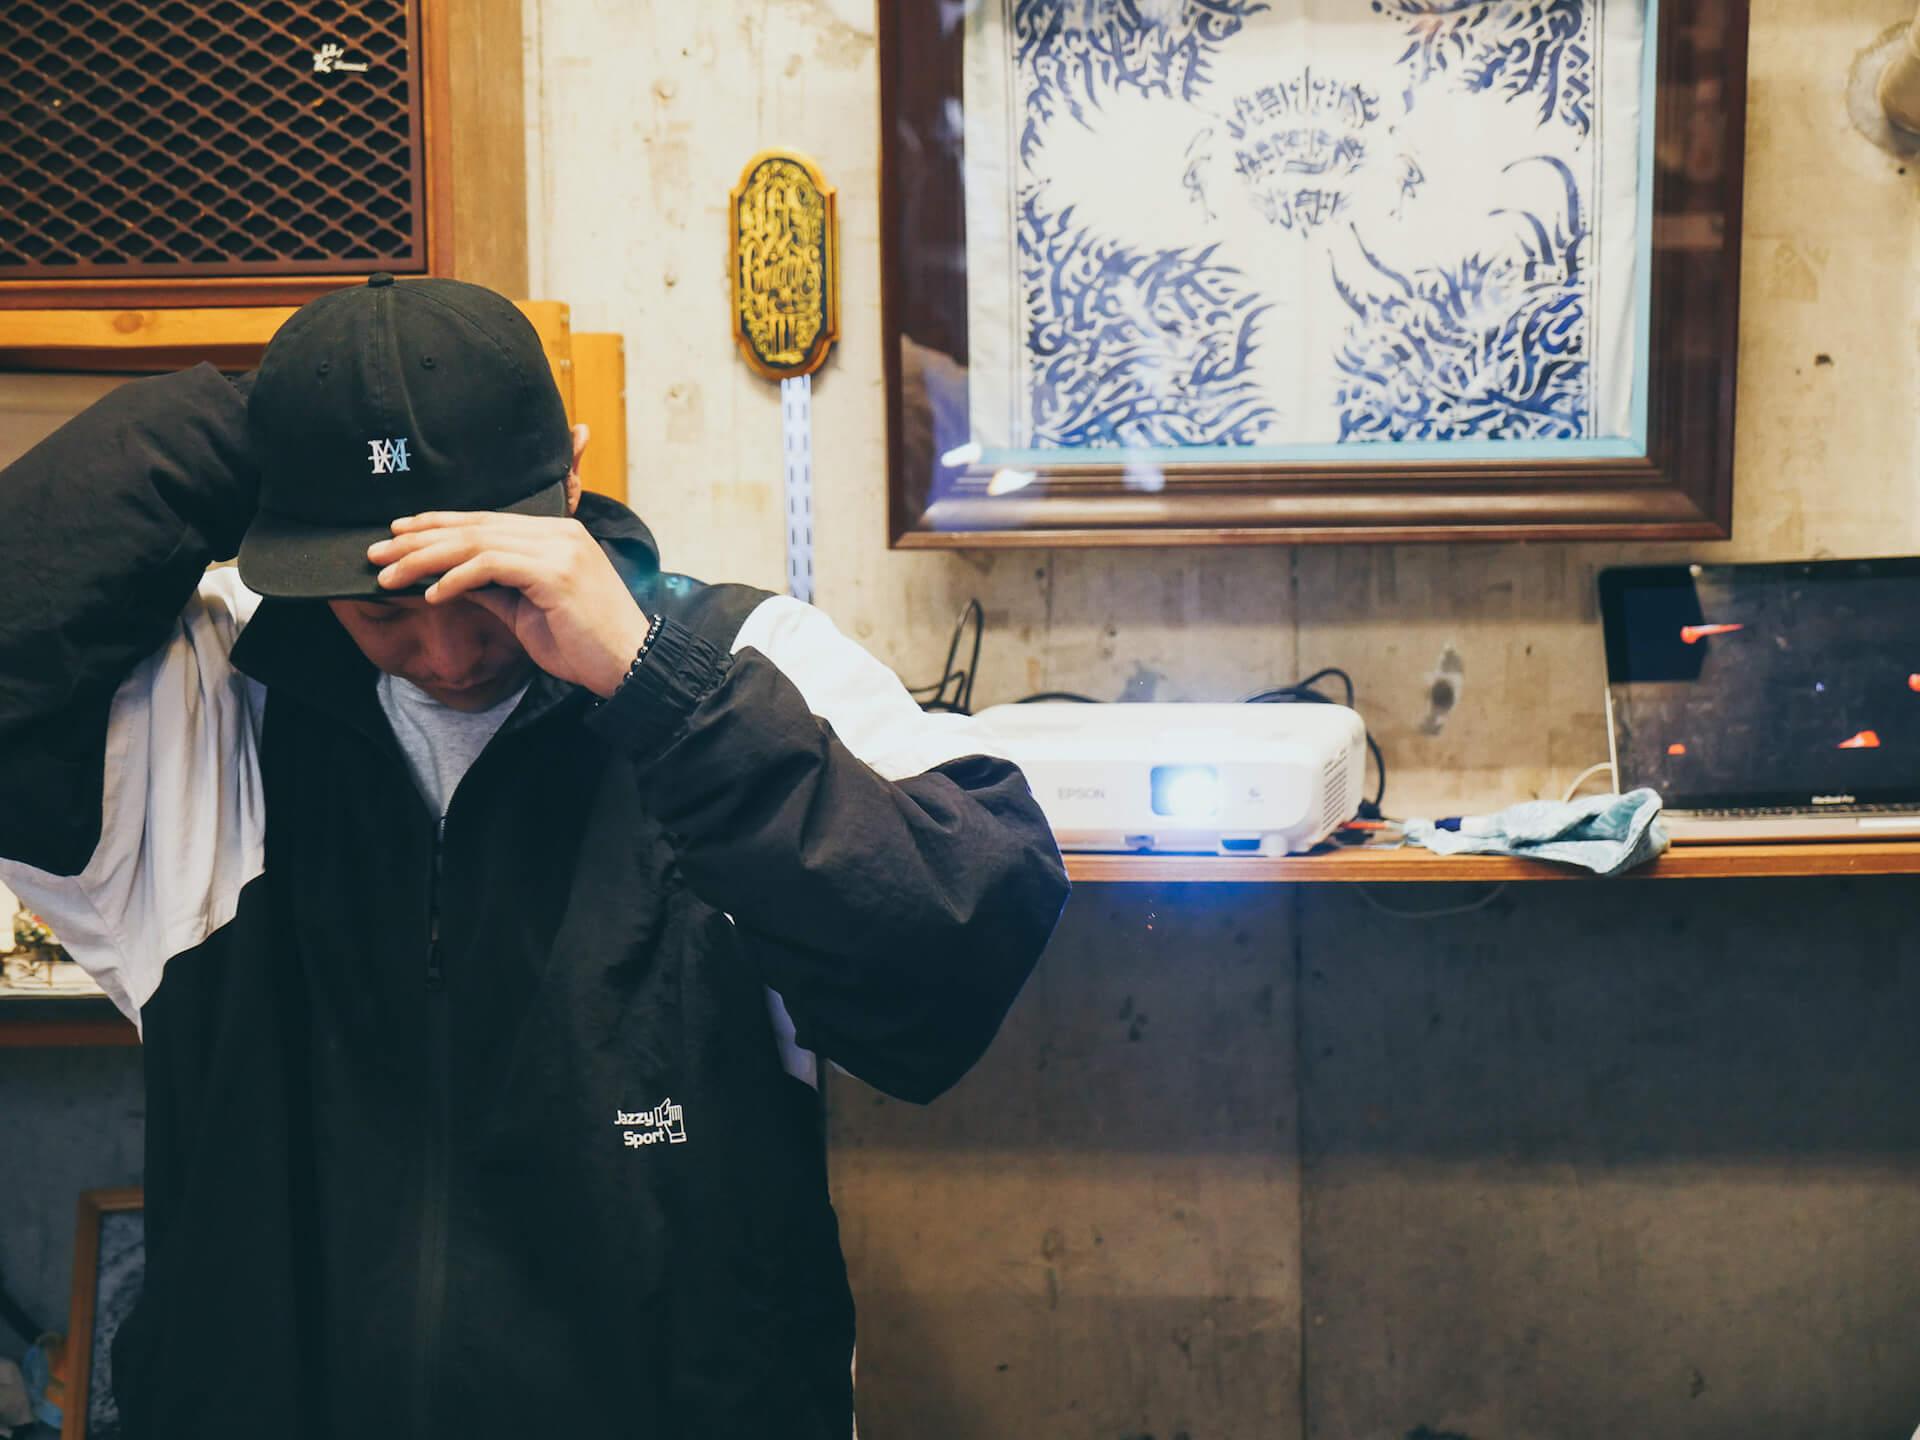 ビートは世界と出会う――BEAT MEETS WORLD x WANDERMAN POP UP in RAH YOKOHAMA REPORT interview-beat-meets-world-pop-up-report-22